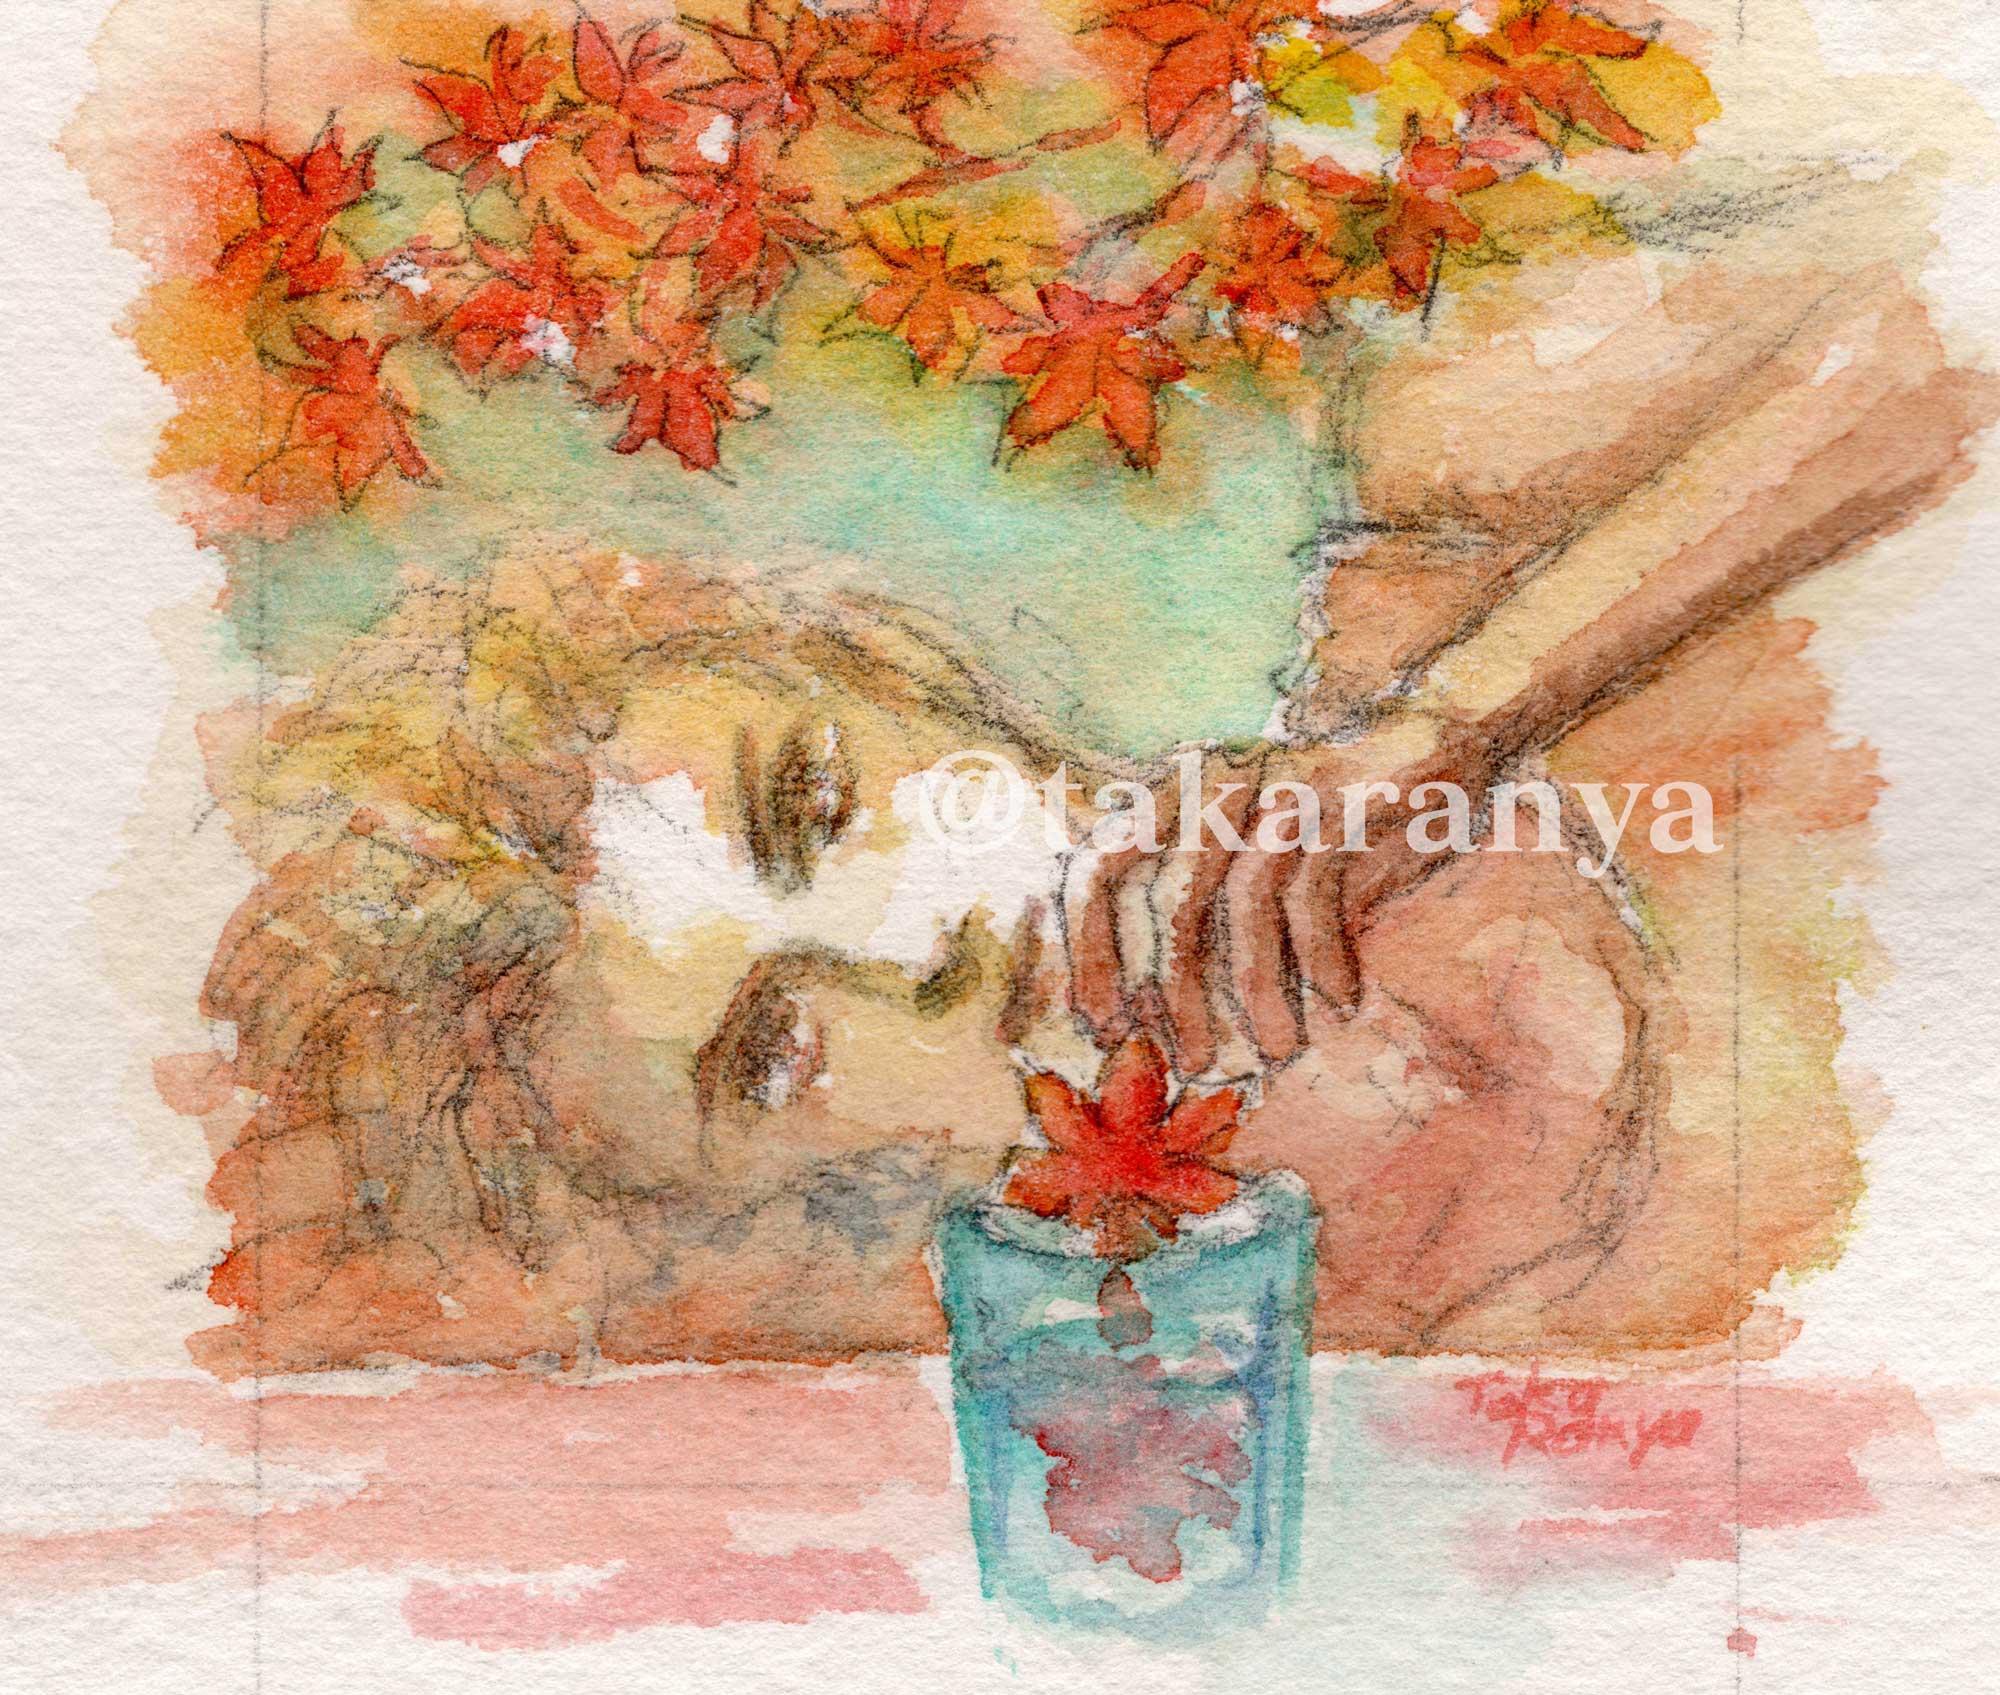 20180919秋麗の色香ミニ原画「あなたの記憶を秋に溶かして」remaster-1200dpi-サイトサムネイル用